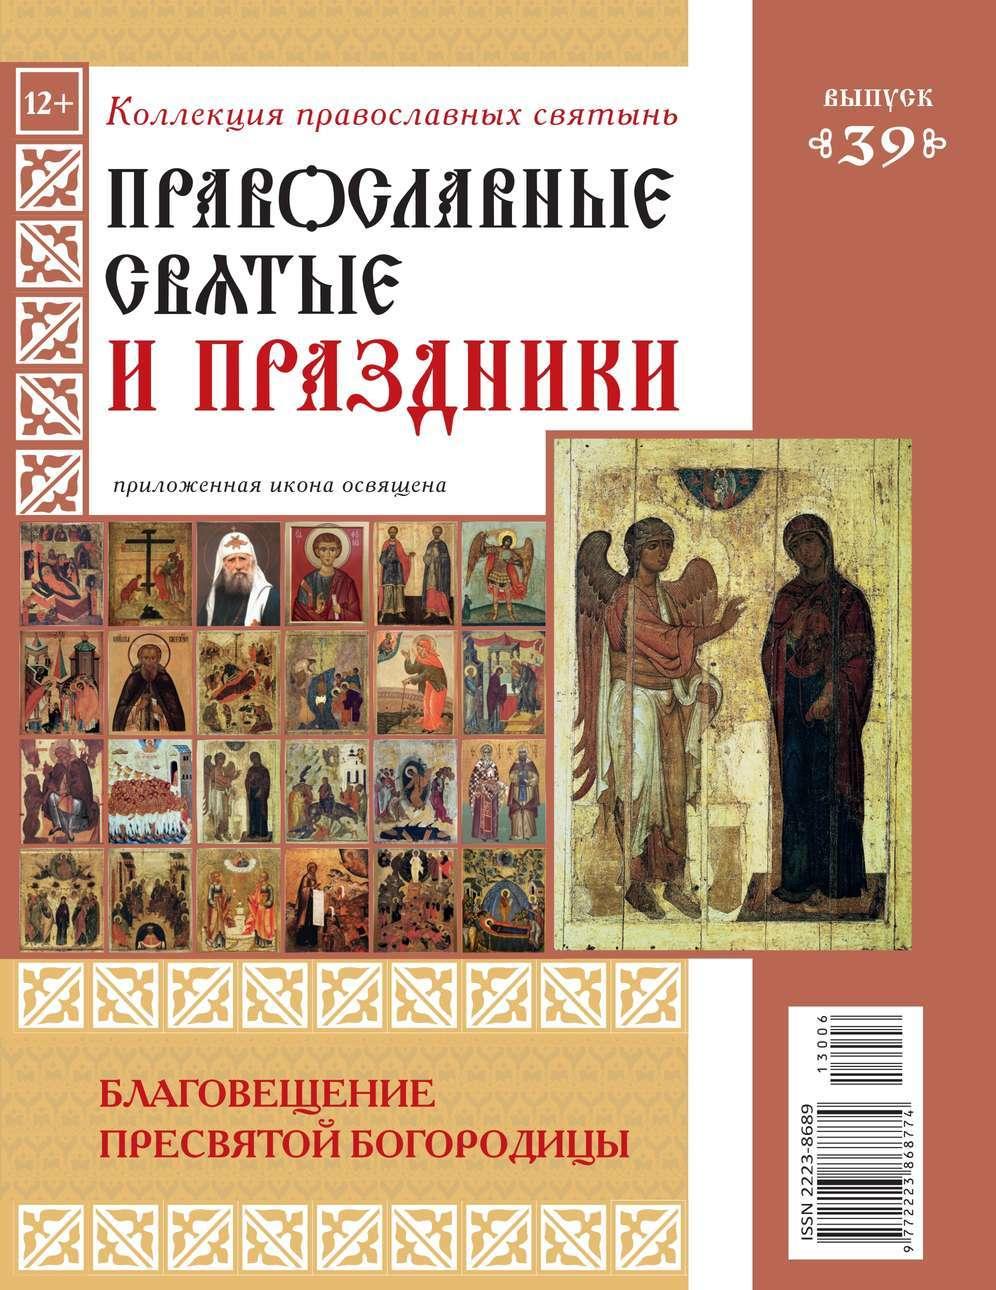 Коллекция Православных Святынь 39